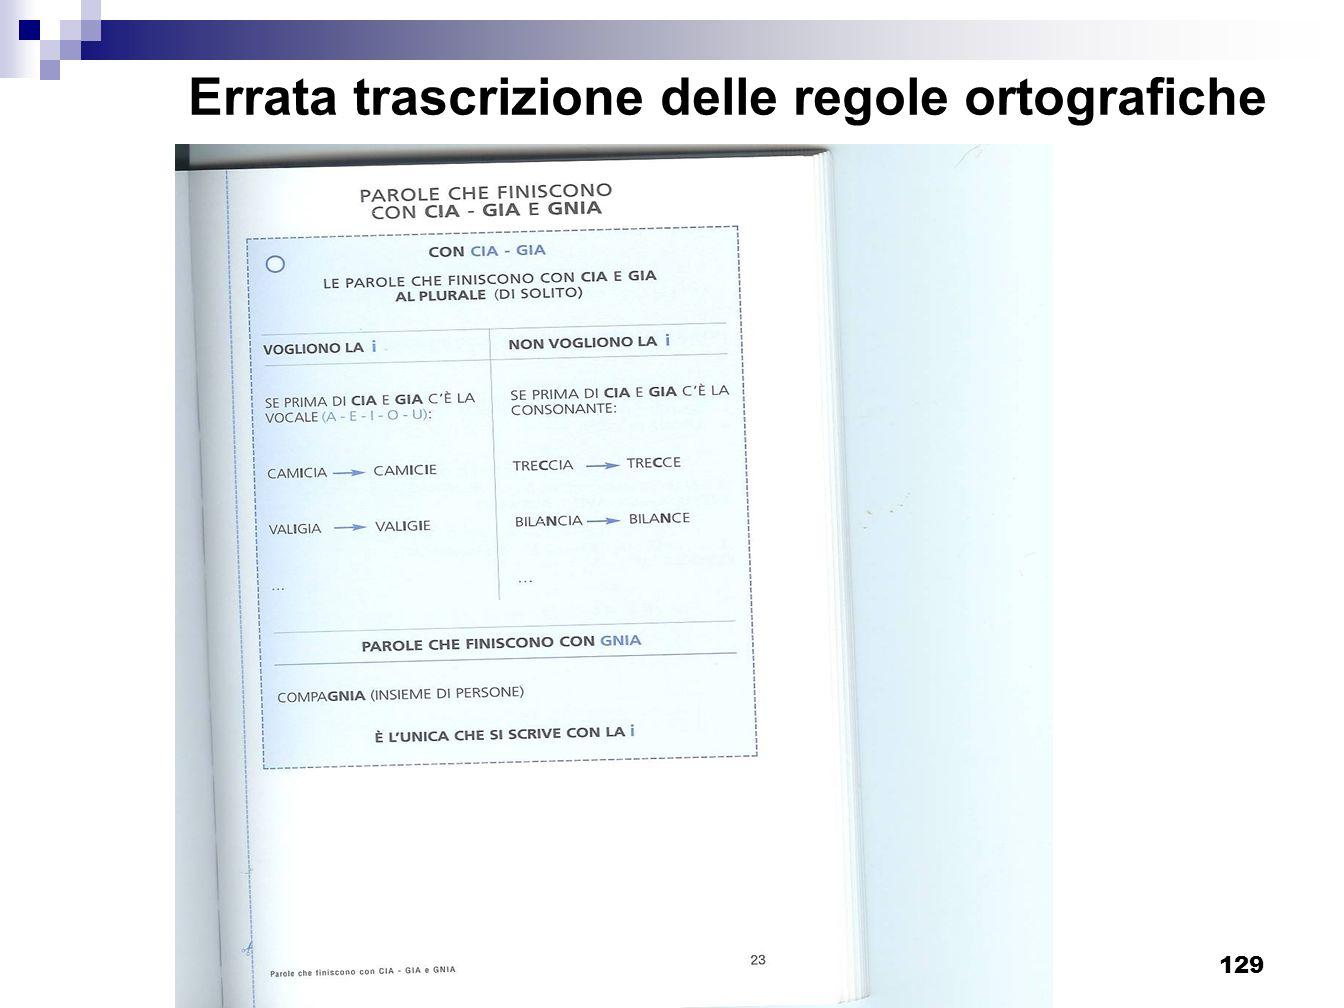 Progetto Screening I elementare - Sassuolo_129 Errata trascrizione delle regole ortografiche